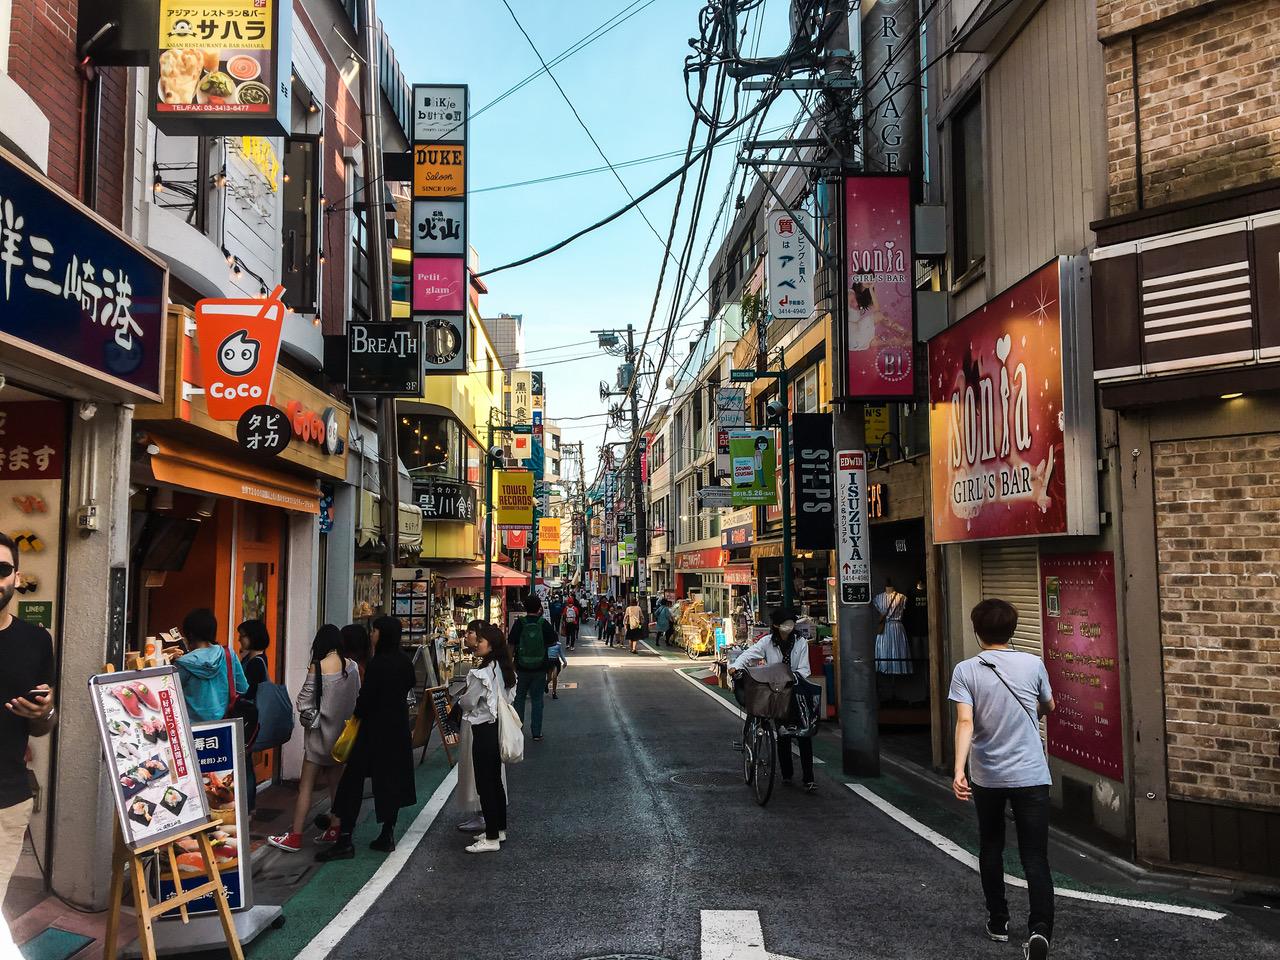 Visiter Tokyo lors d'un itinéraire de 2 semaines au Japon